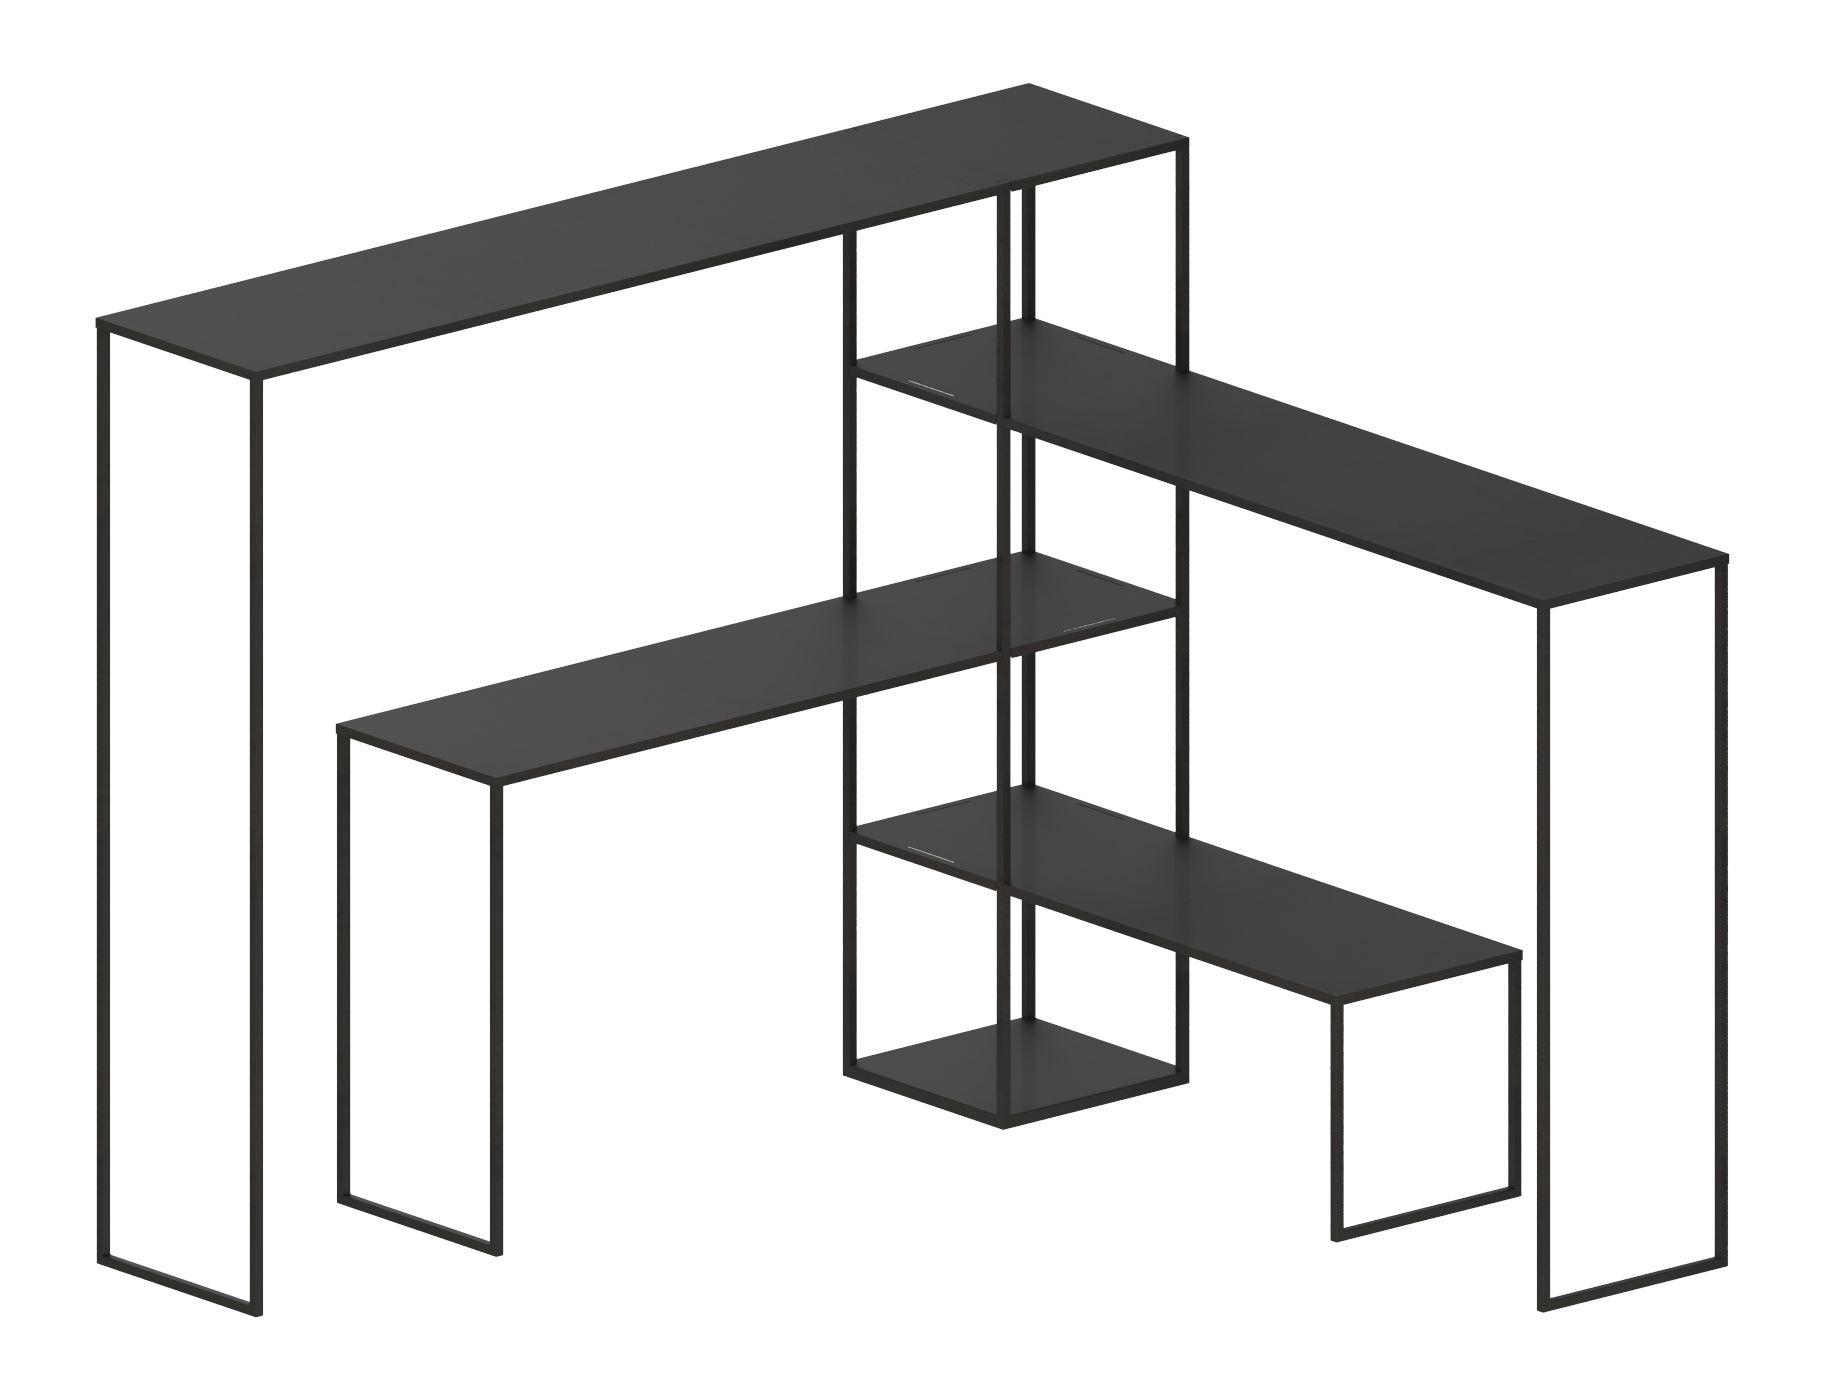 Möbel - Regale und Bücherregale - Easy Bridge Regal / 4 modulare Ablagen  - H 141 cm - Zeus - Schwarzbraun - bemalter Stahl